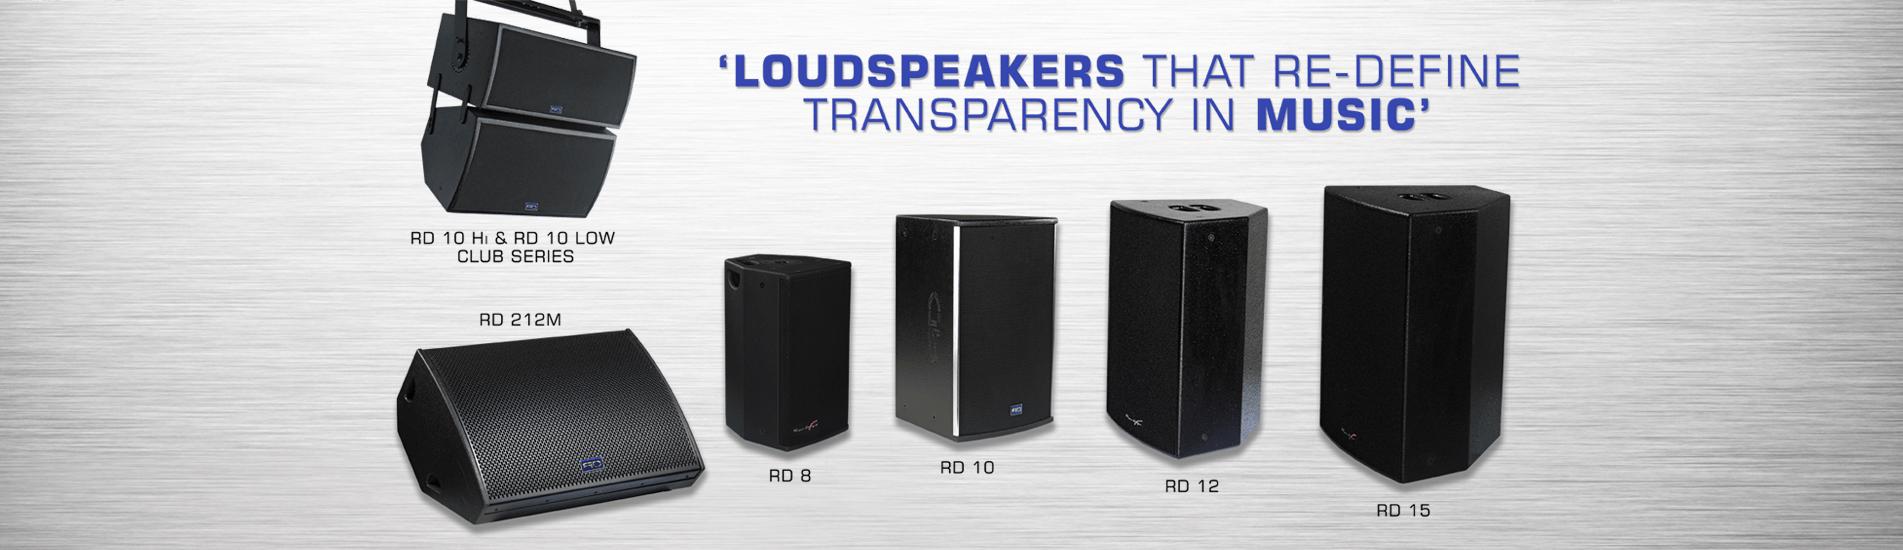 Roger-Drego-Loudspeakers-11